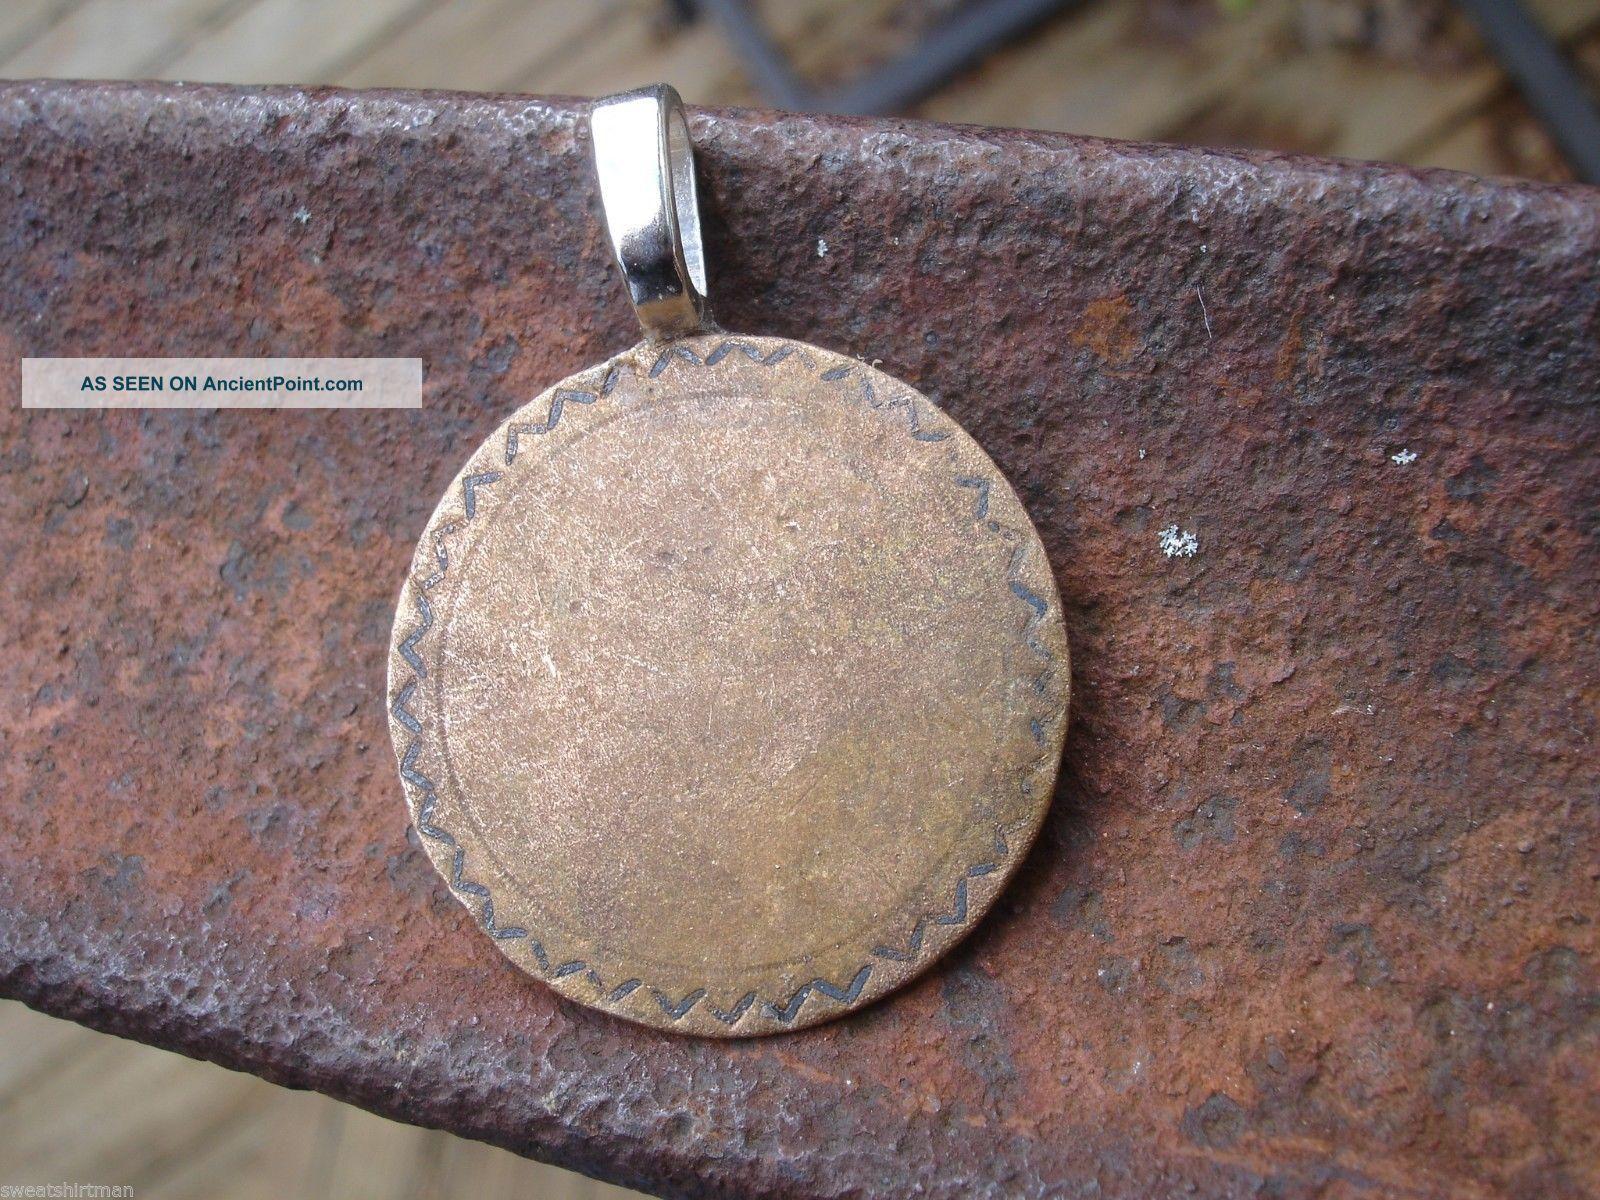 Big Colonial 30mm Coat Button Pendant George Washington Era Antique Charm Relic Buttons photo